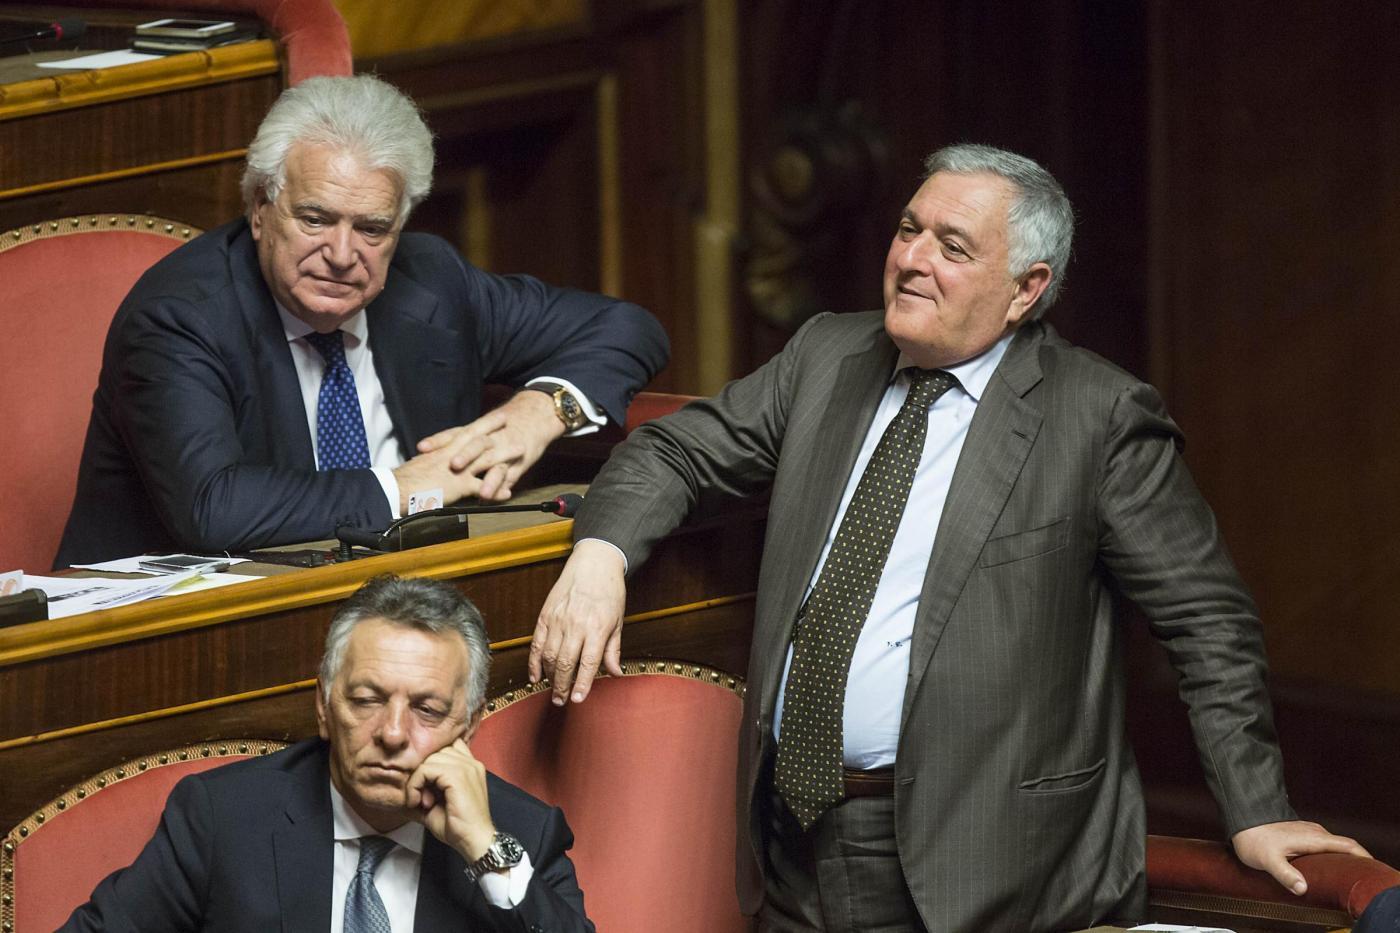 Senato Voto su mozioni di sfiducia al governo Renzi